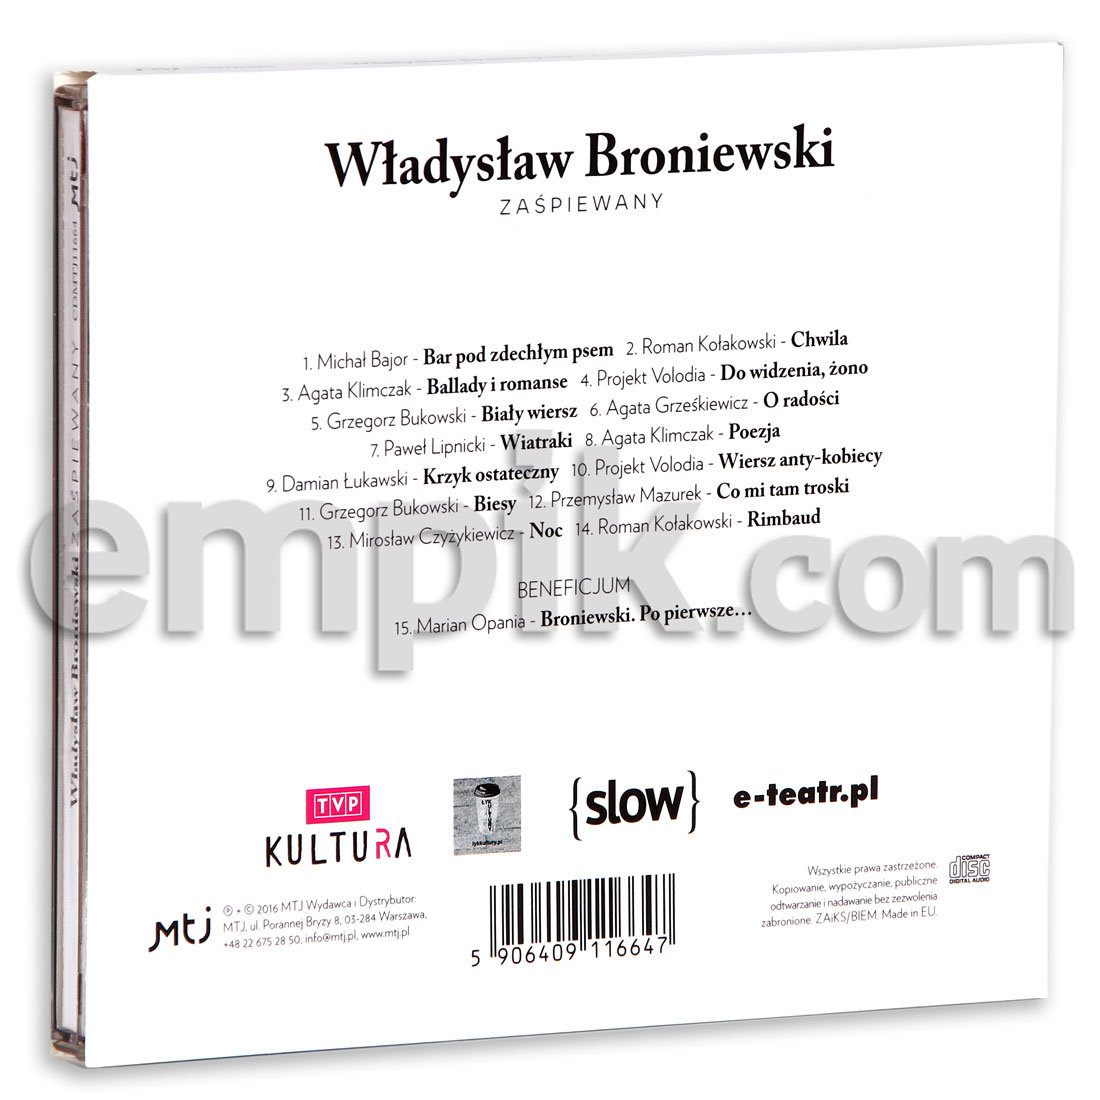 Empik Prezentuje Dobre Piosenki Władysław Broniewski Zaśpiewana